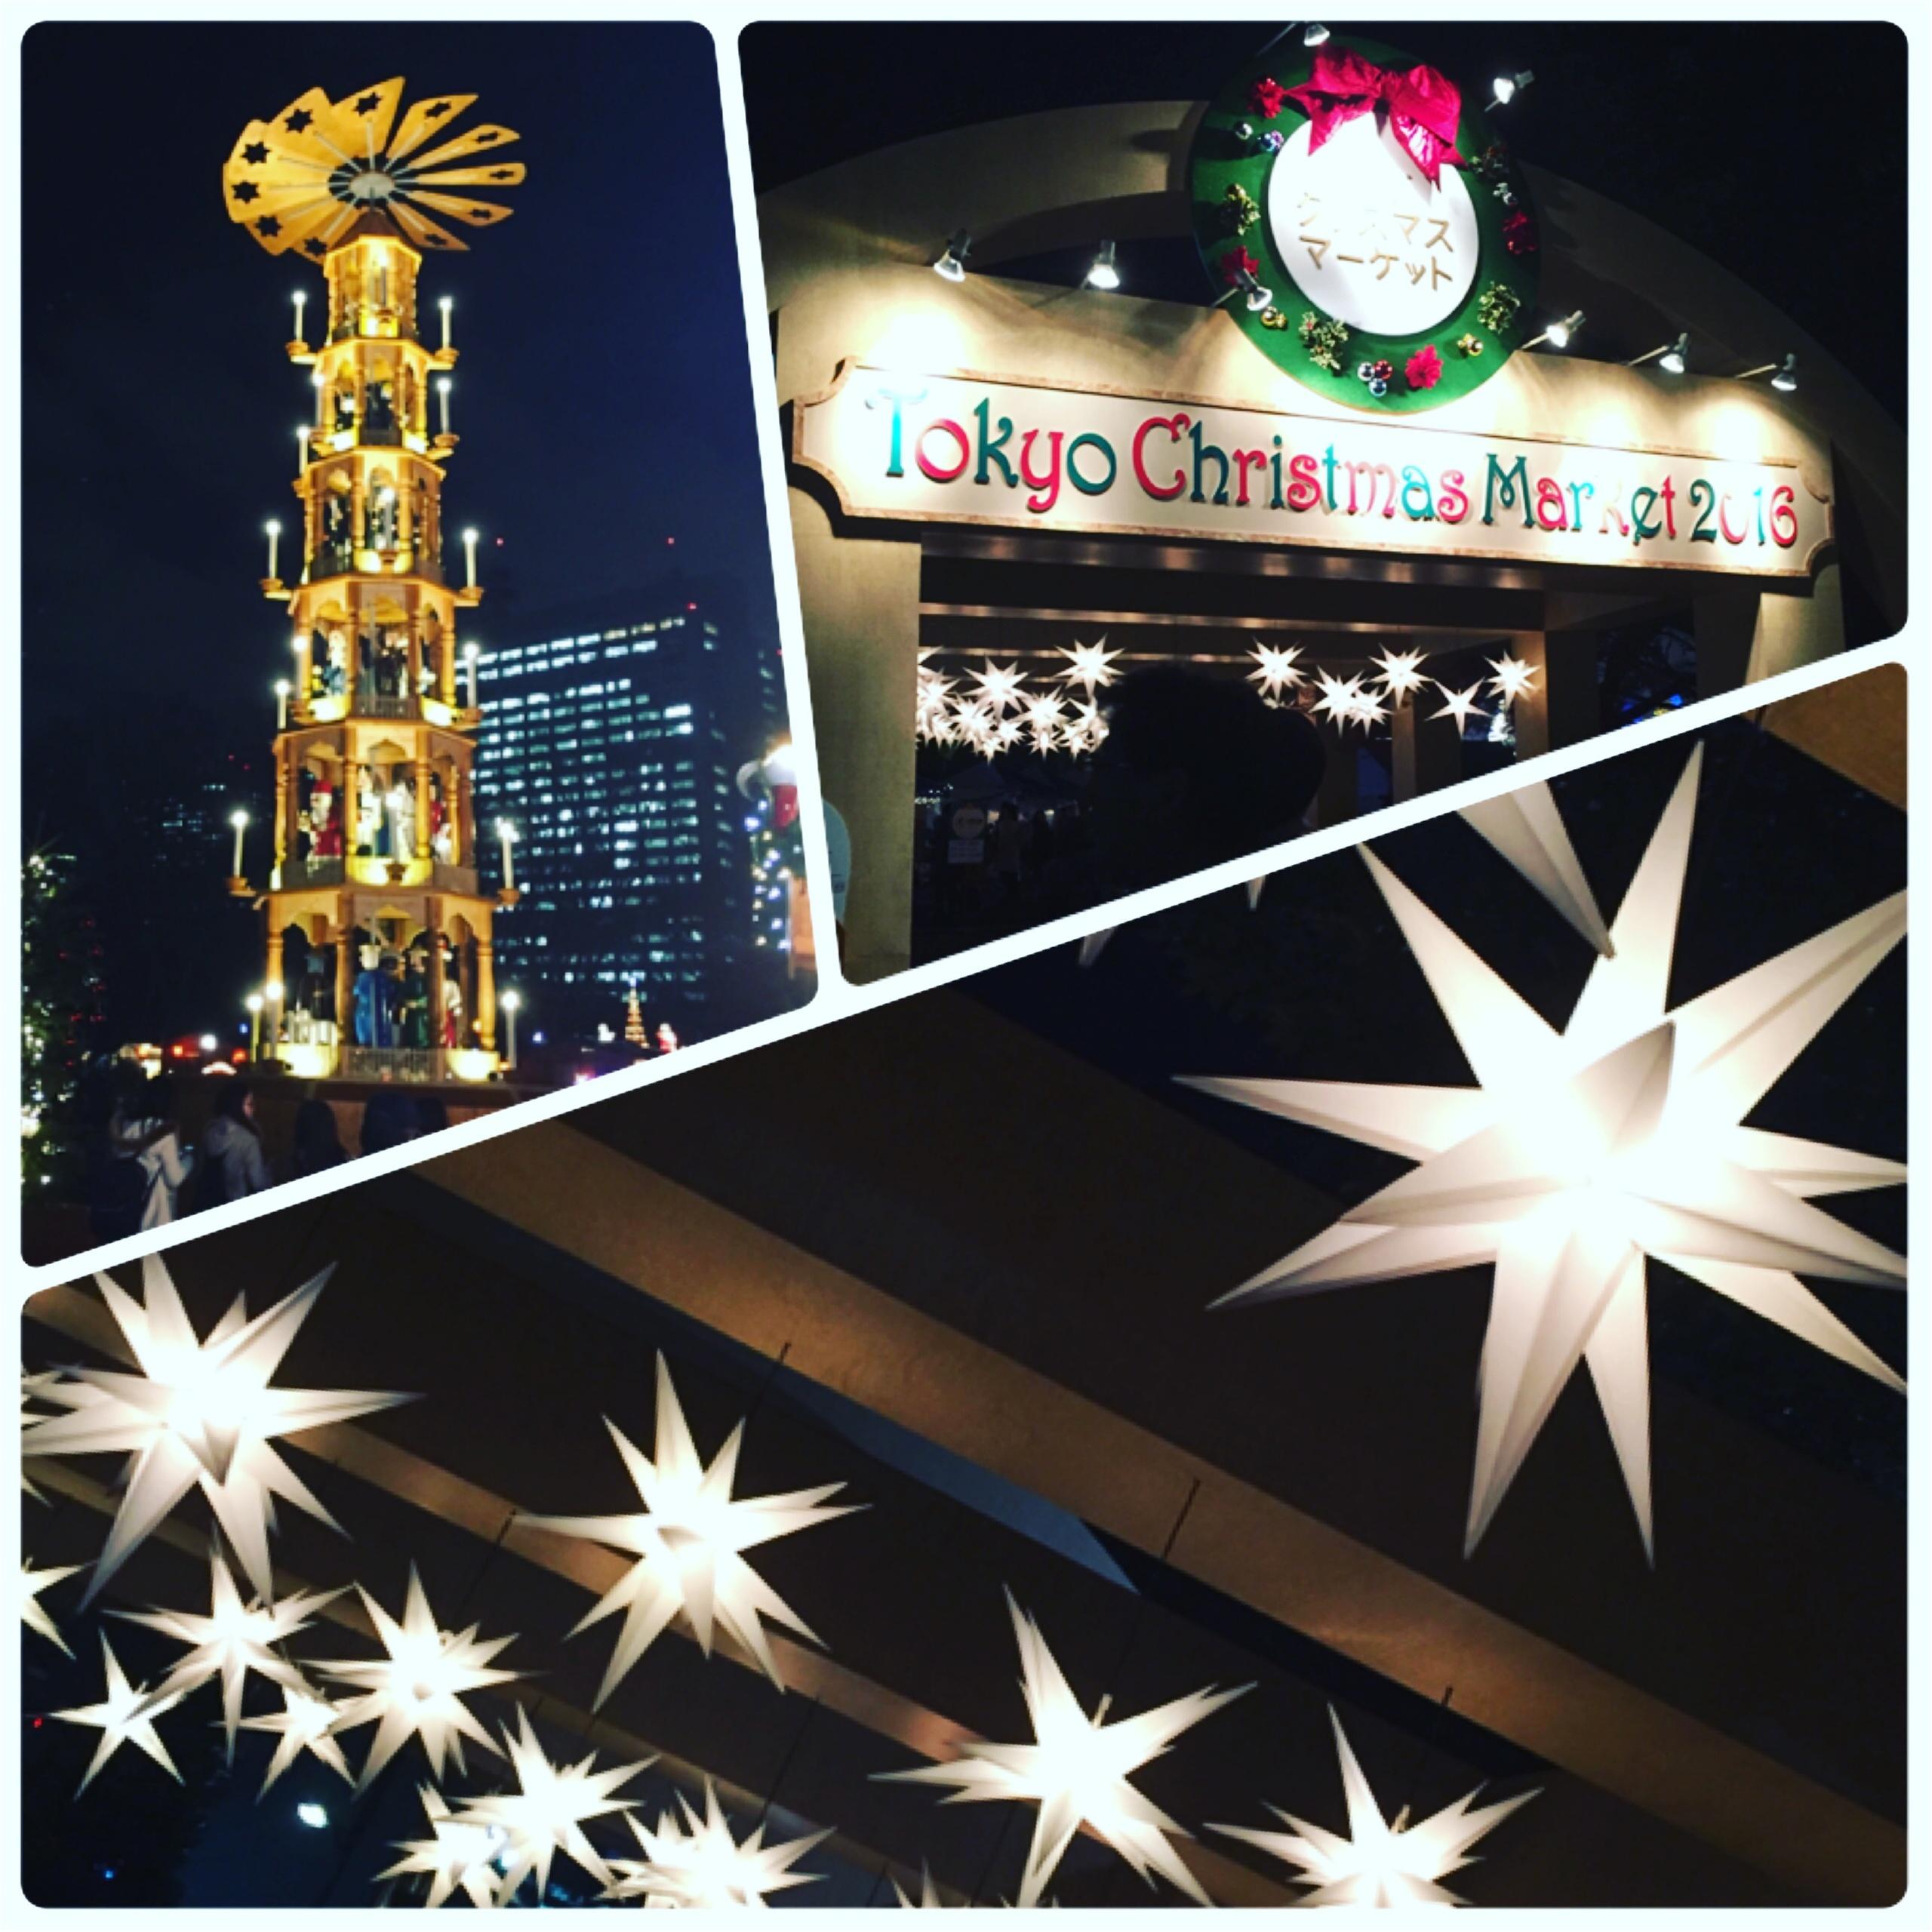 思わぬ素敵な出会いが✨✨日比谷公園【*東京クリスマスマーケット*】に行ってきました♪♪_15